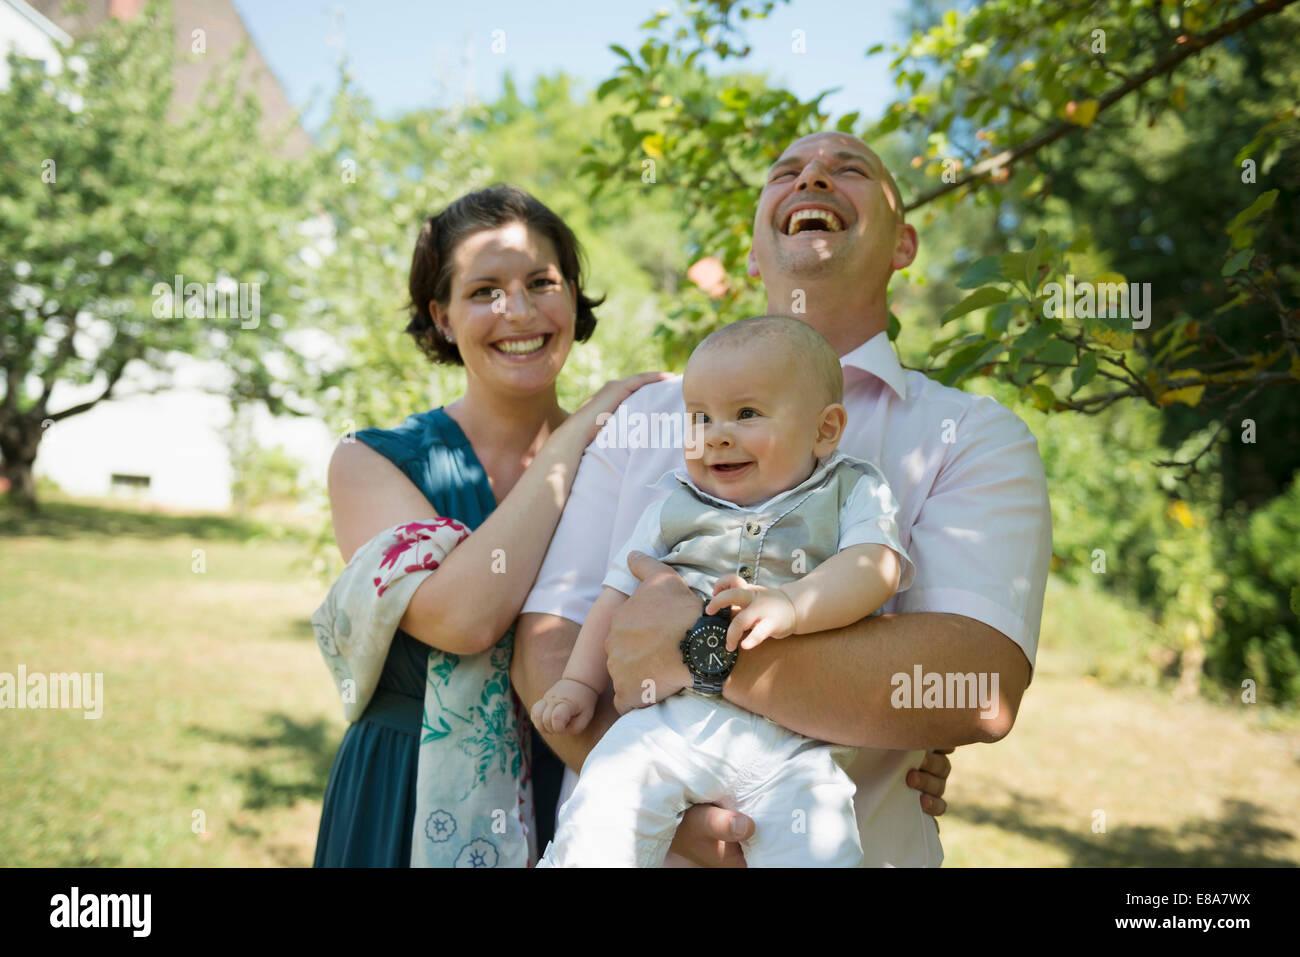 Rire avec les parents smiling baby Banque D'Images